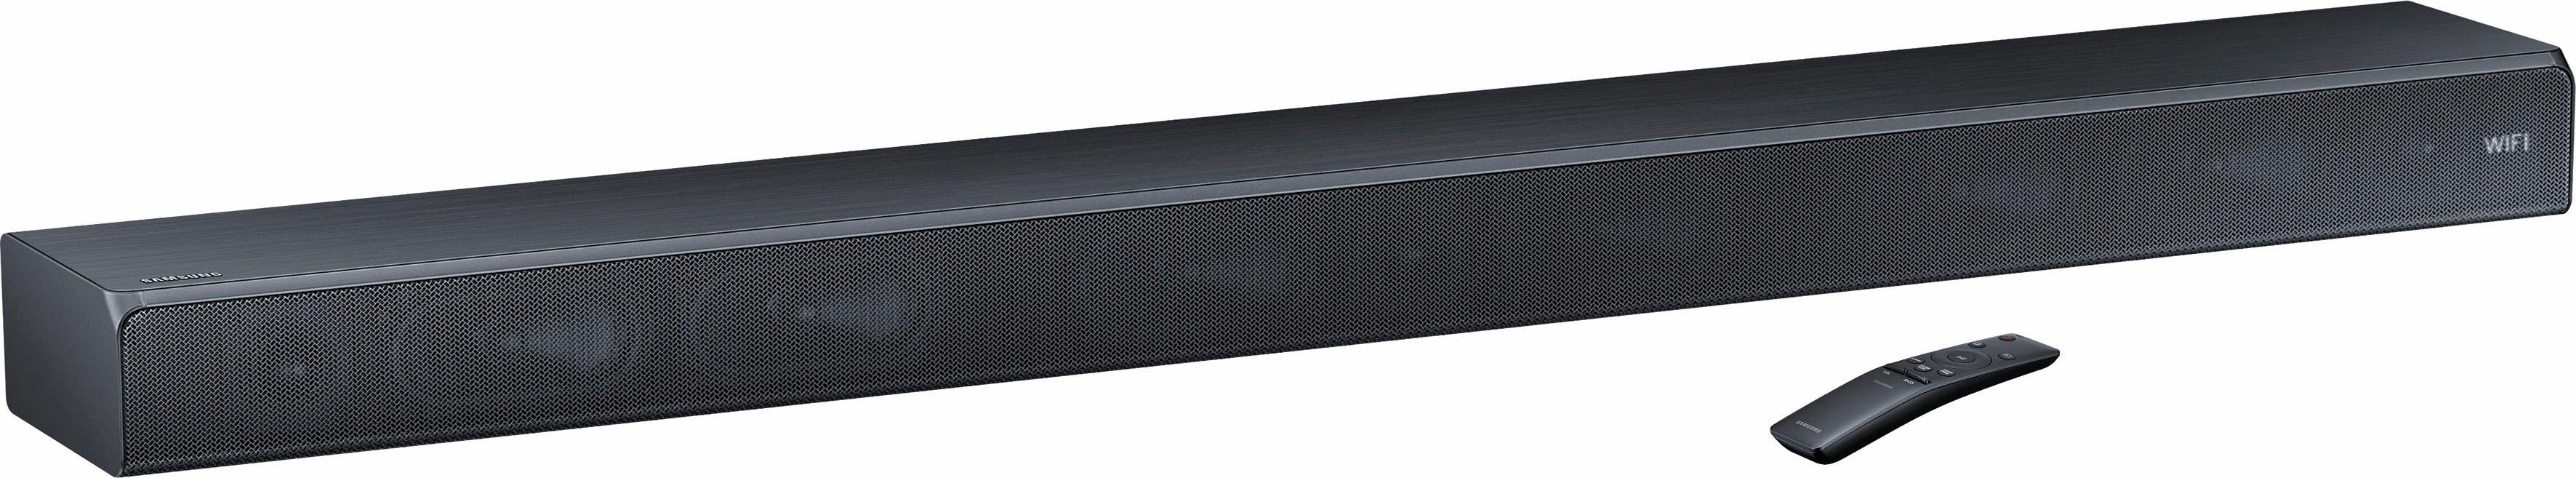 SAMSUNG HW-MS-650EN/651EN soundbar (Hi-Res, Bluetooth, wifi) goedkoop op otto.nl kopen